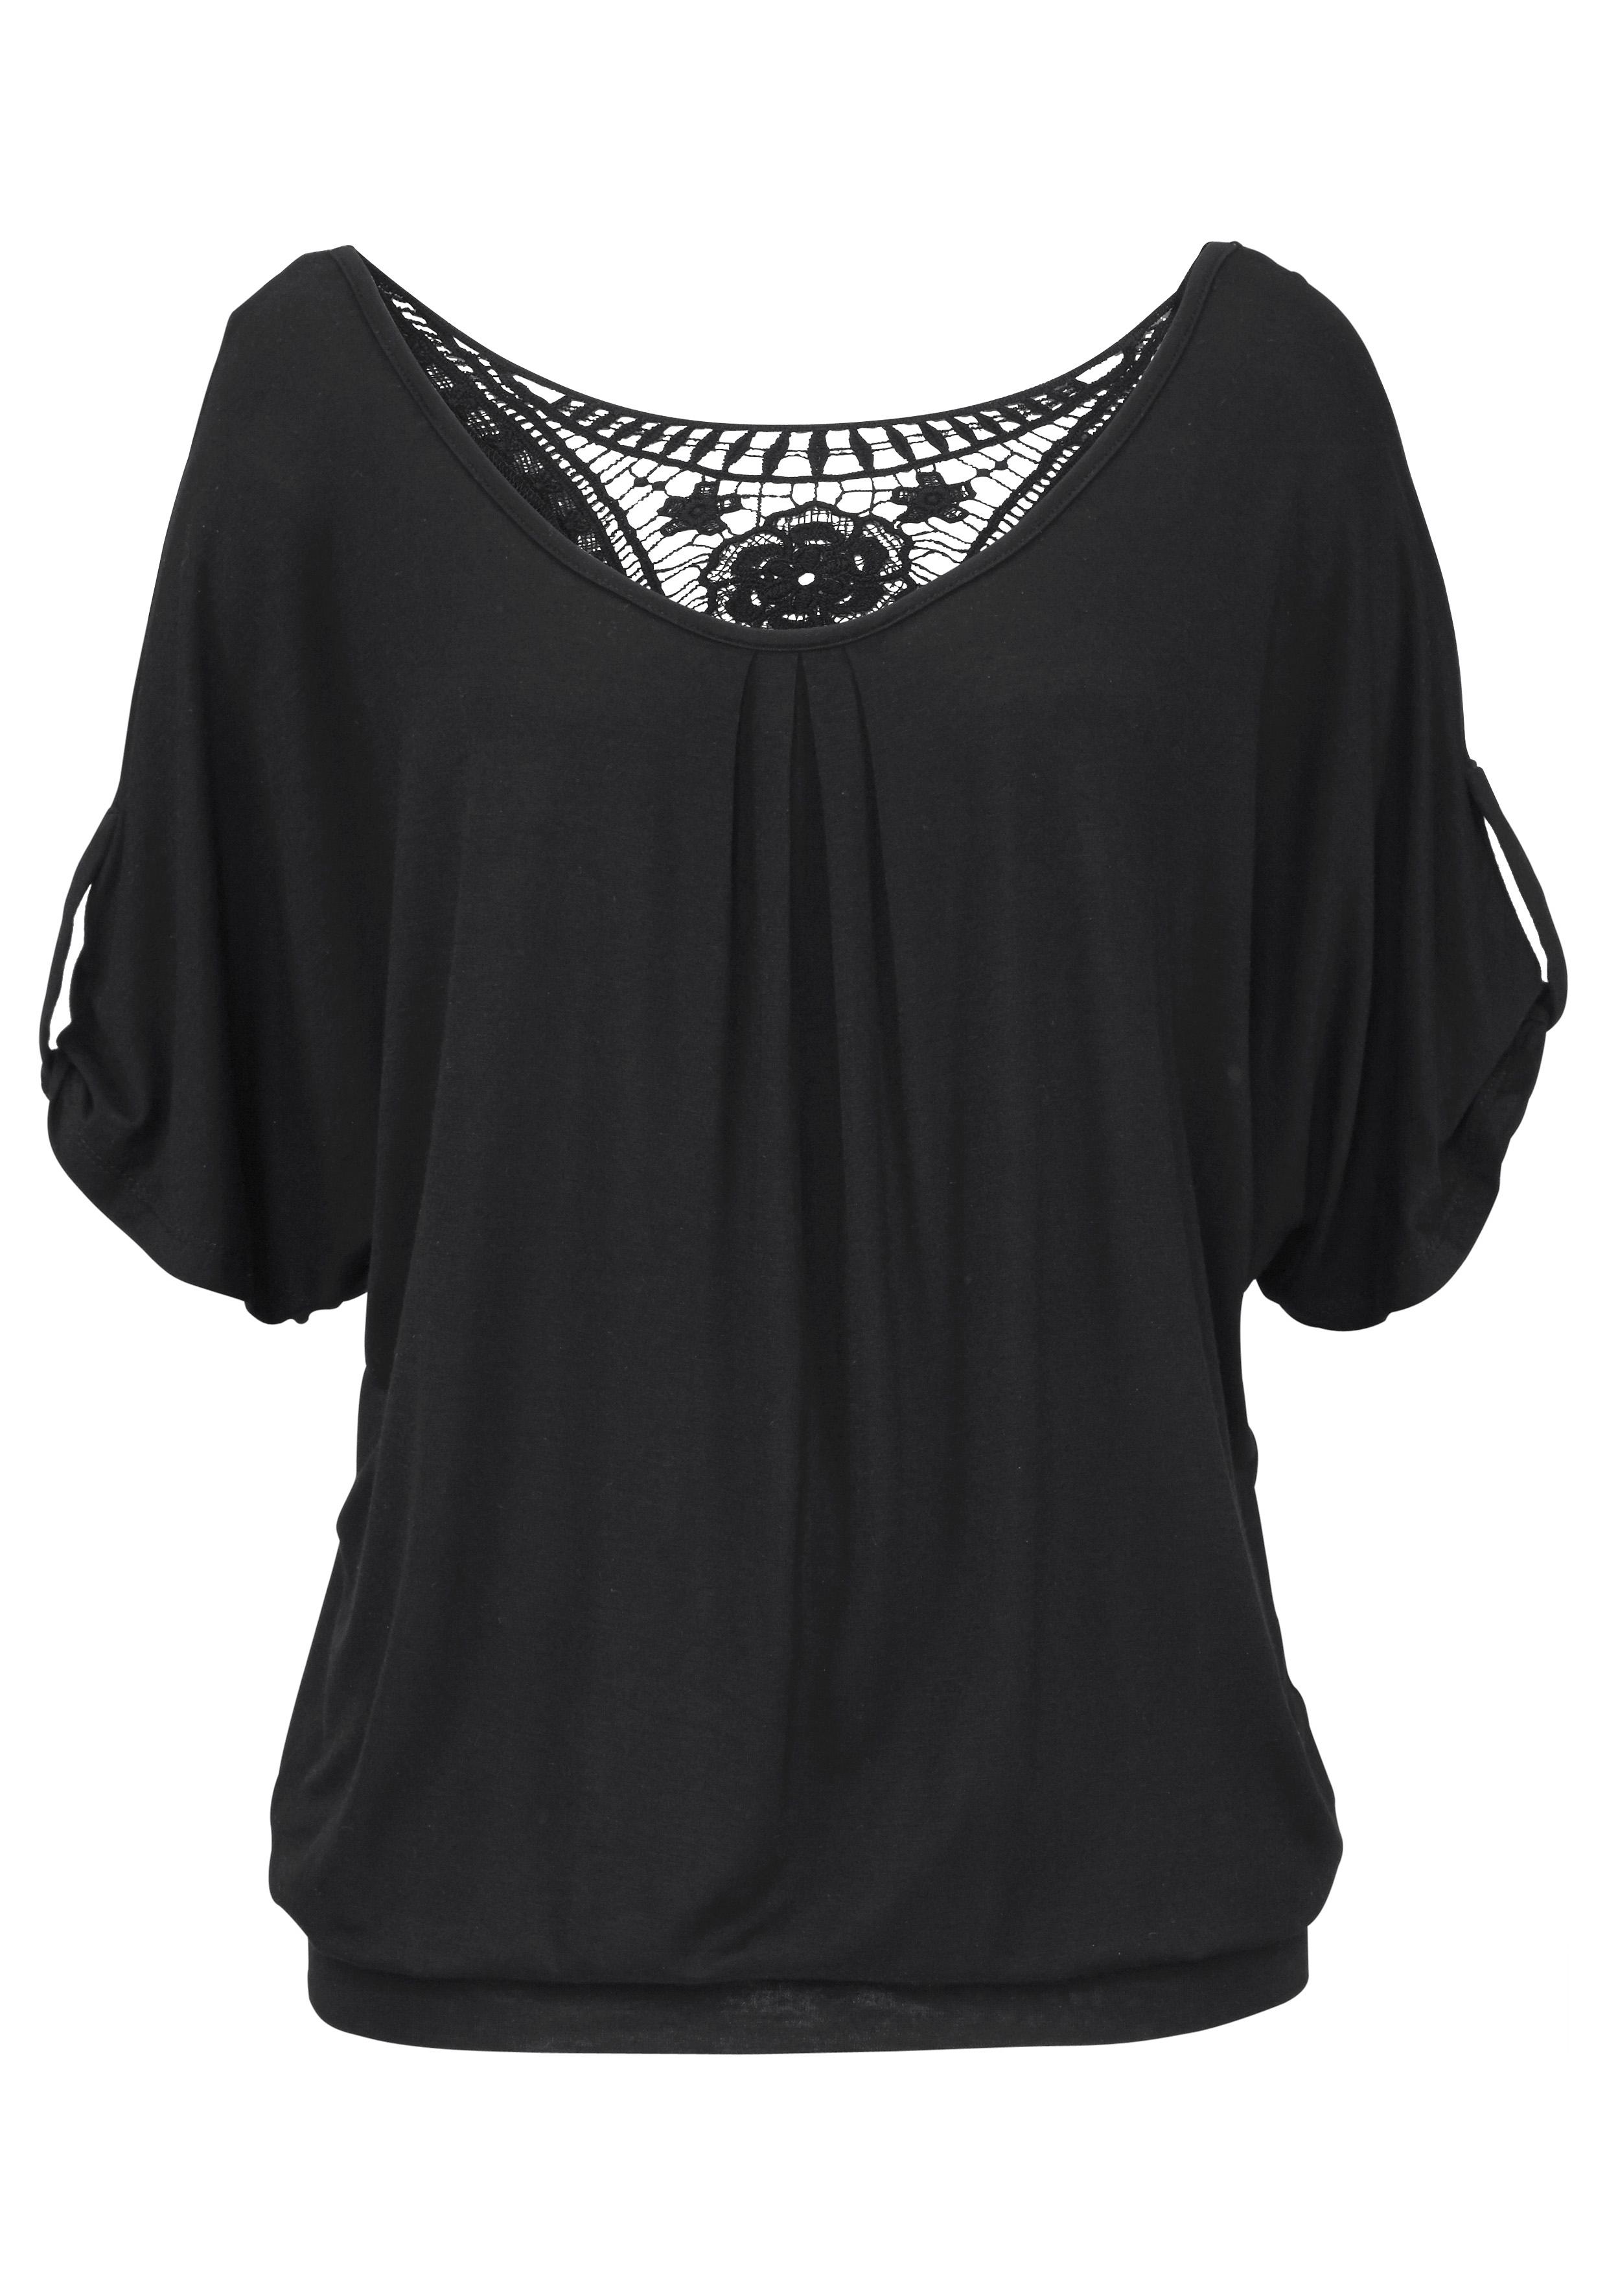 Lascana strandshirt met gehaakte inzet op de rug goedkoop op otto.nl kopen